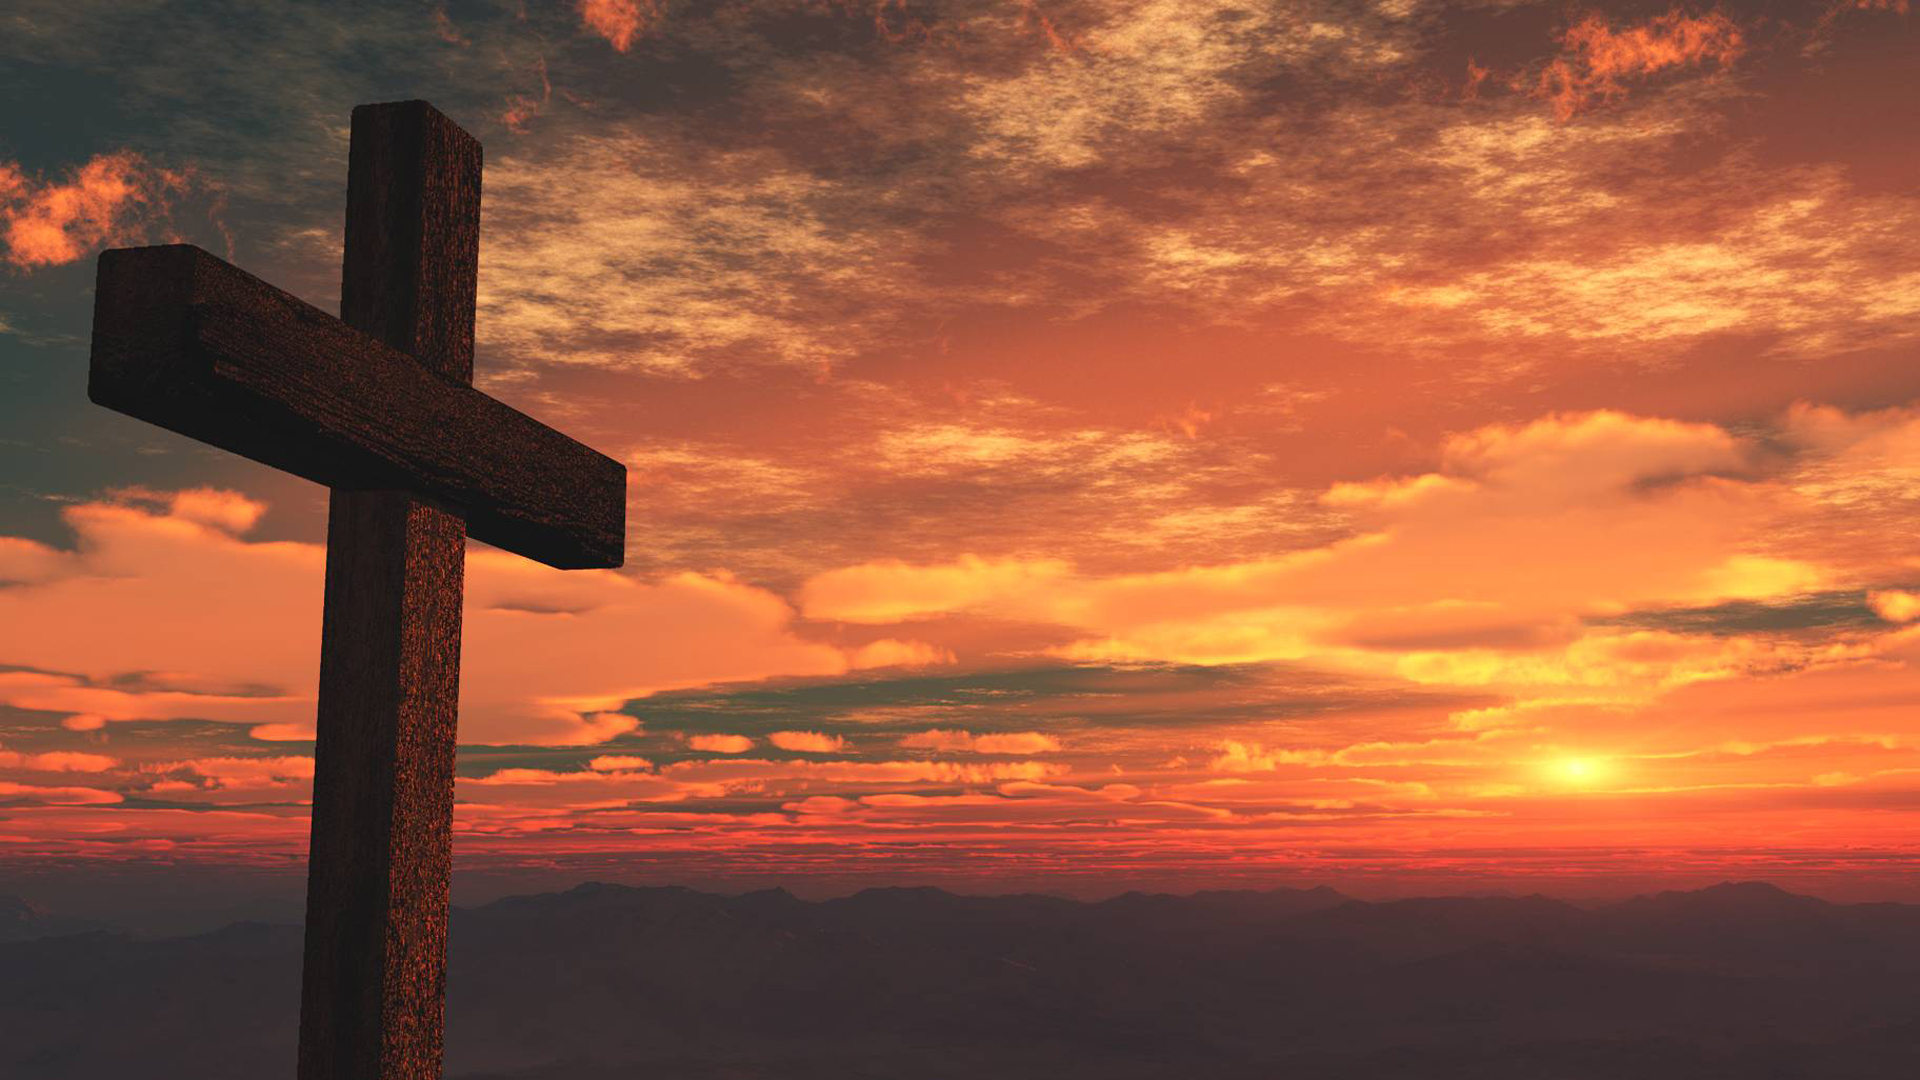 Cross-Design-Ministry-Background-Sunset.jpg